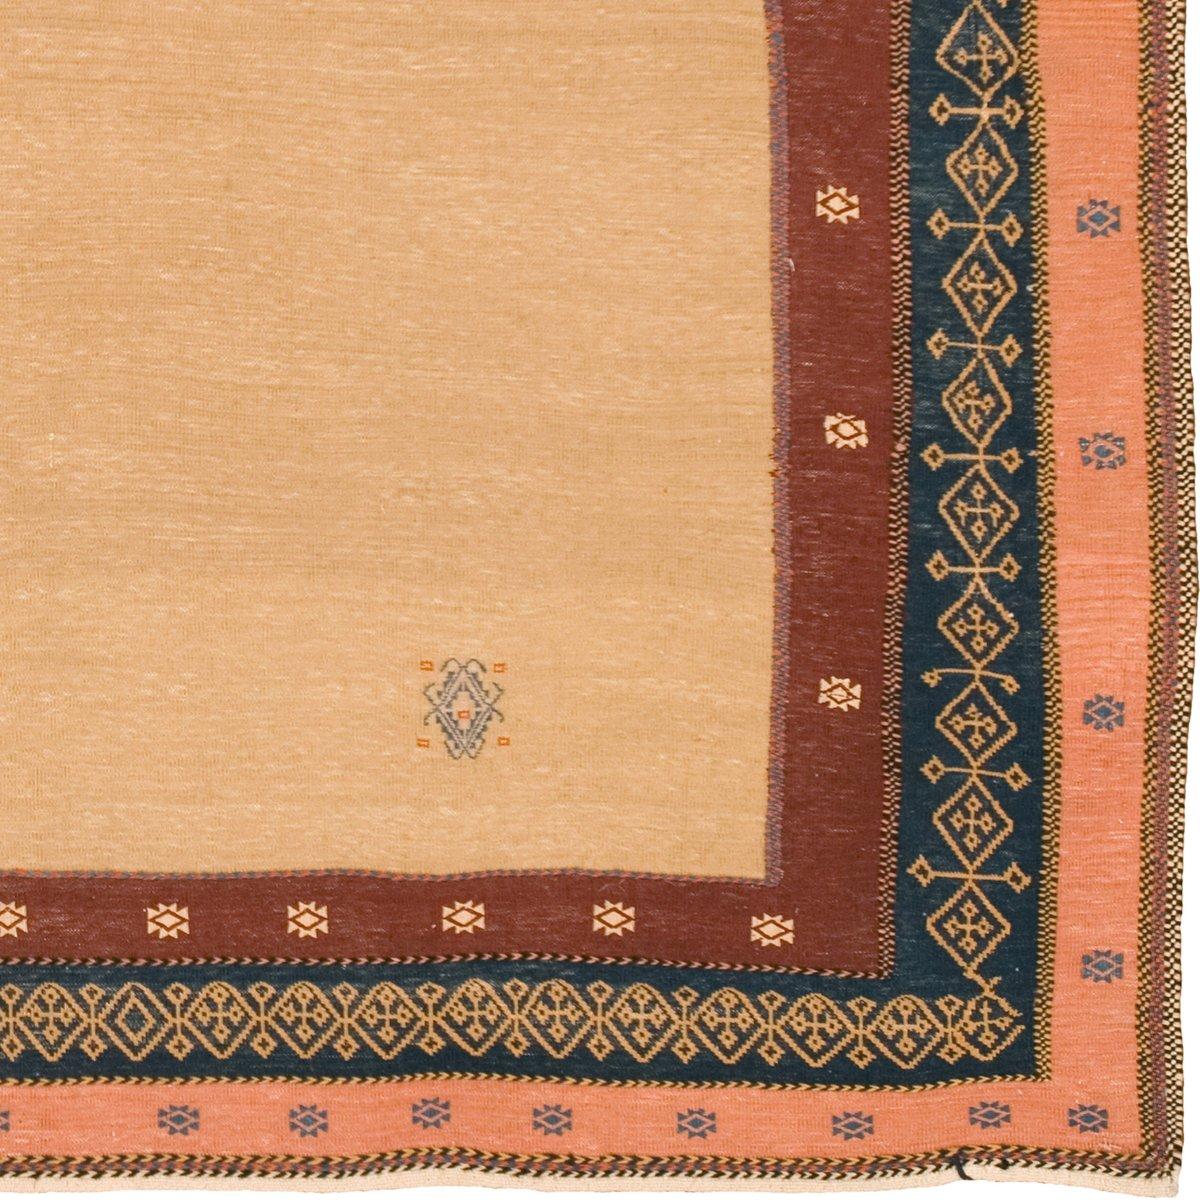 bestickter persischer kilim teppich bei pamono kaufen. Black Bedroom Furniture Sets. Home Design Ideas